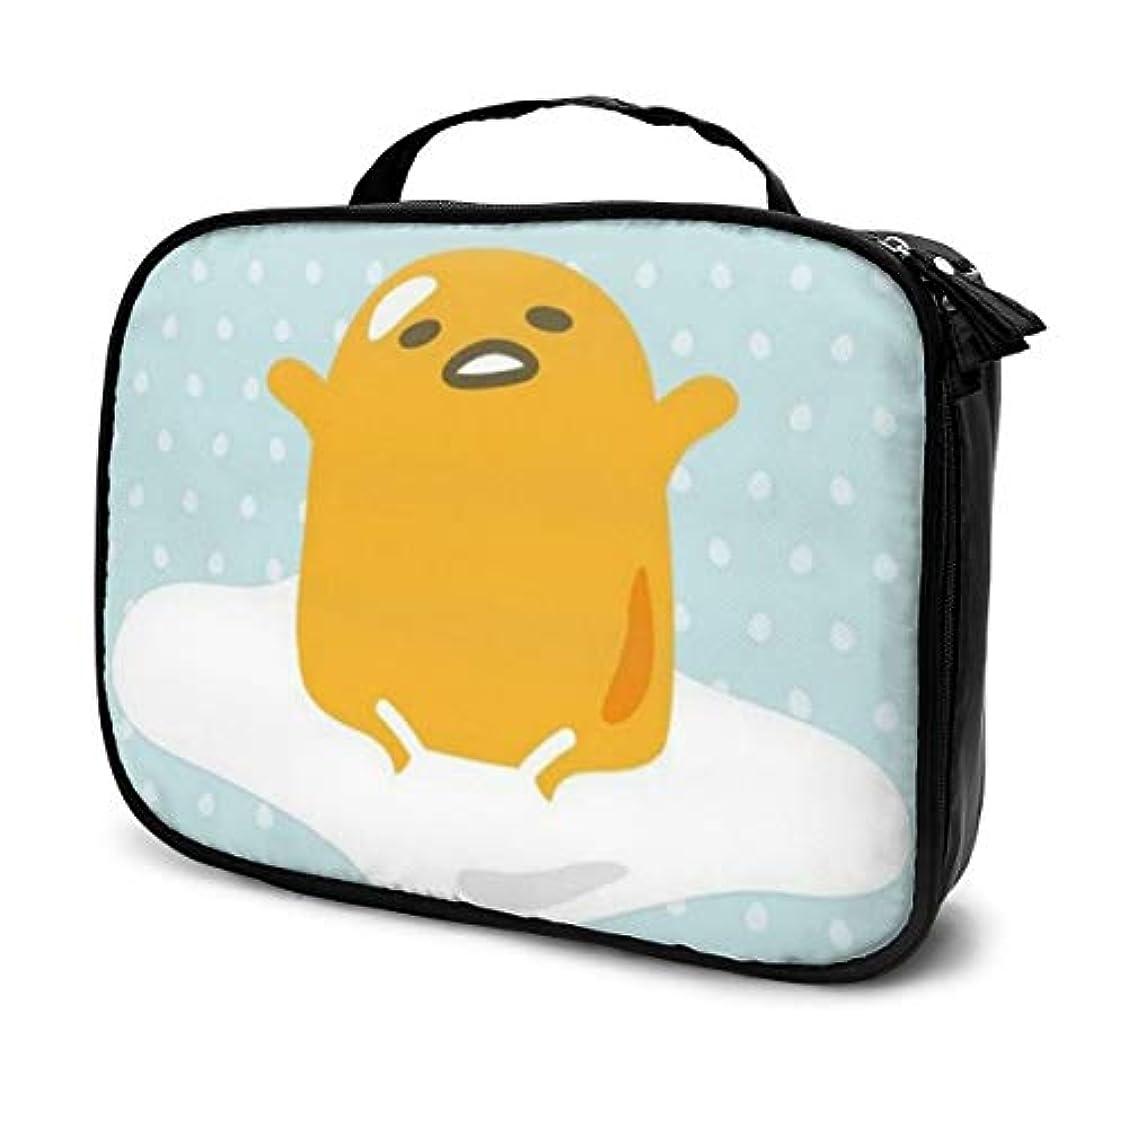 必要性シャープ冷えるぐでたま 化粧ポーチ 化粧バッグ メイクボックス コスメバック 化粧箱 大容量 機能的 便携式 收納抜群 プロ用 旅行 家用